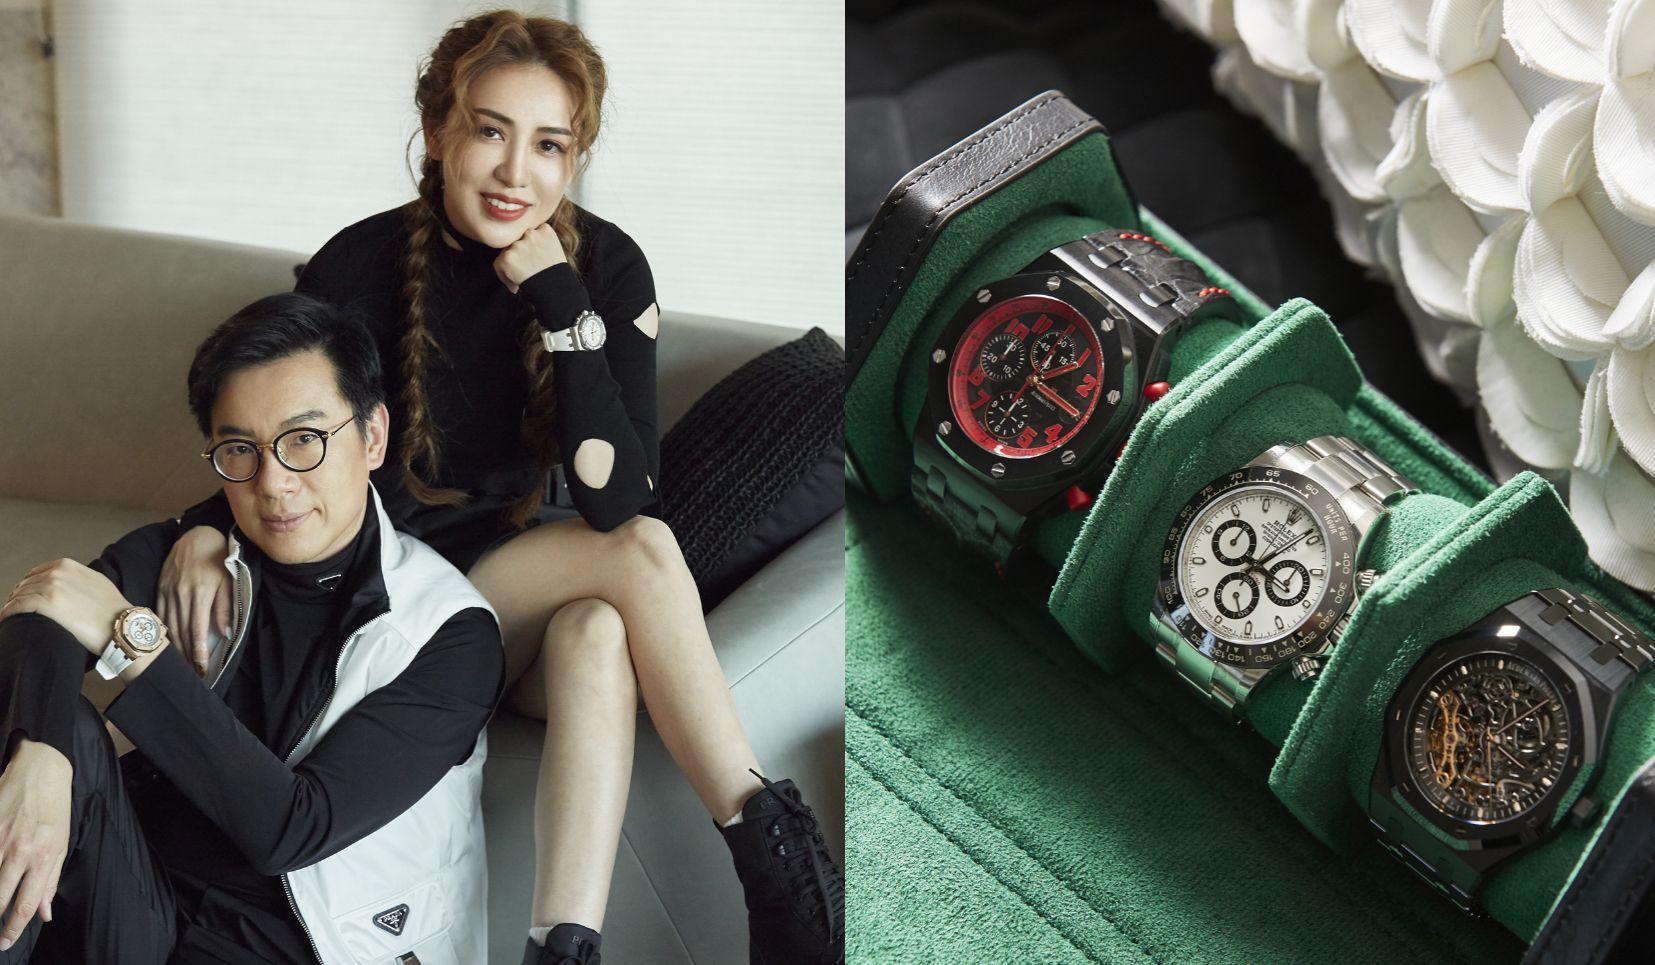 鐘錶收藏家呂皇甫與黃季薇 腕錶收藏觀點分享:「每一個階段你所收的錶,都可以看得出來你現在的人生歷練,跟你所達到的里程碑」